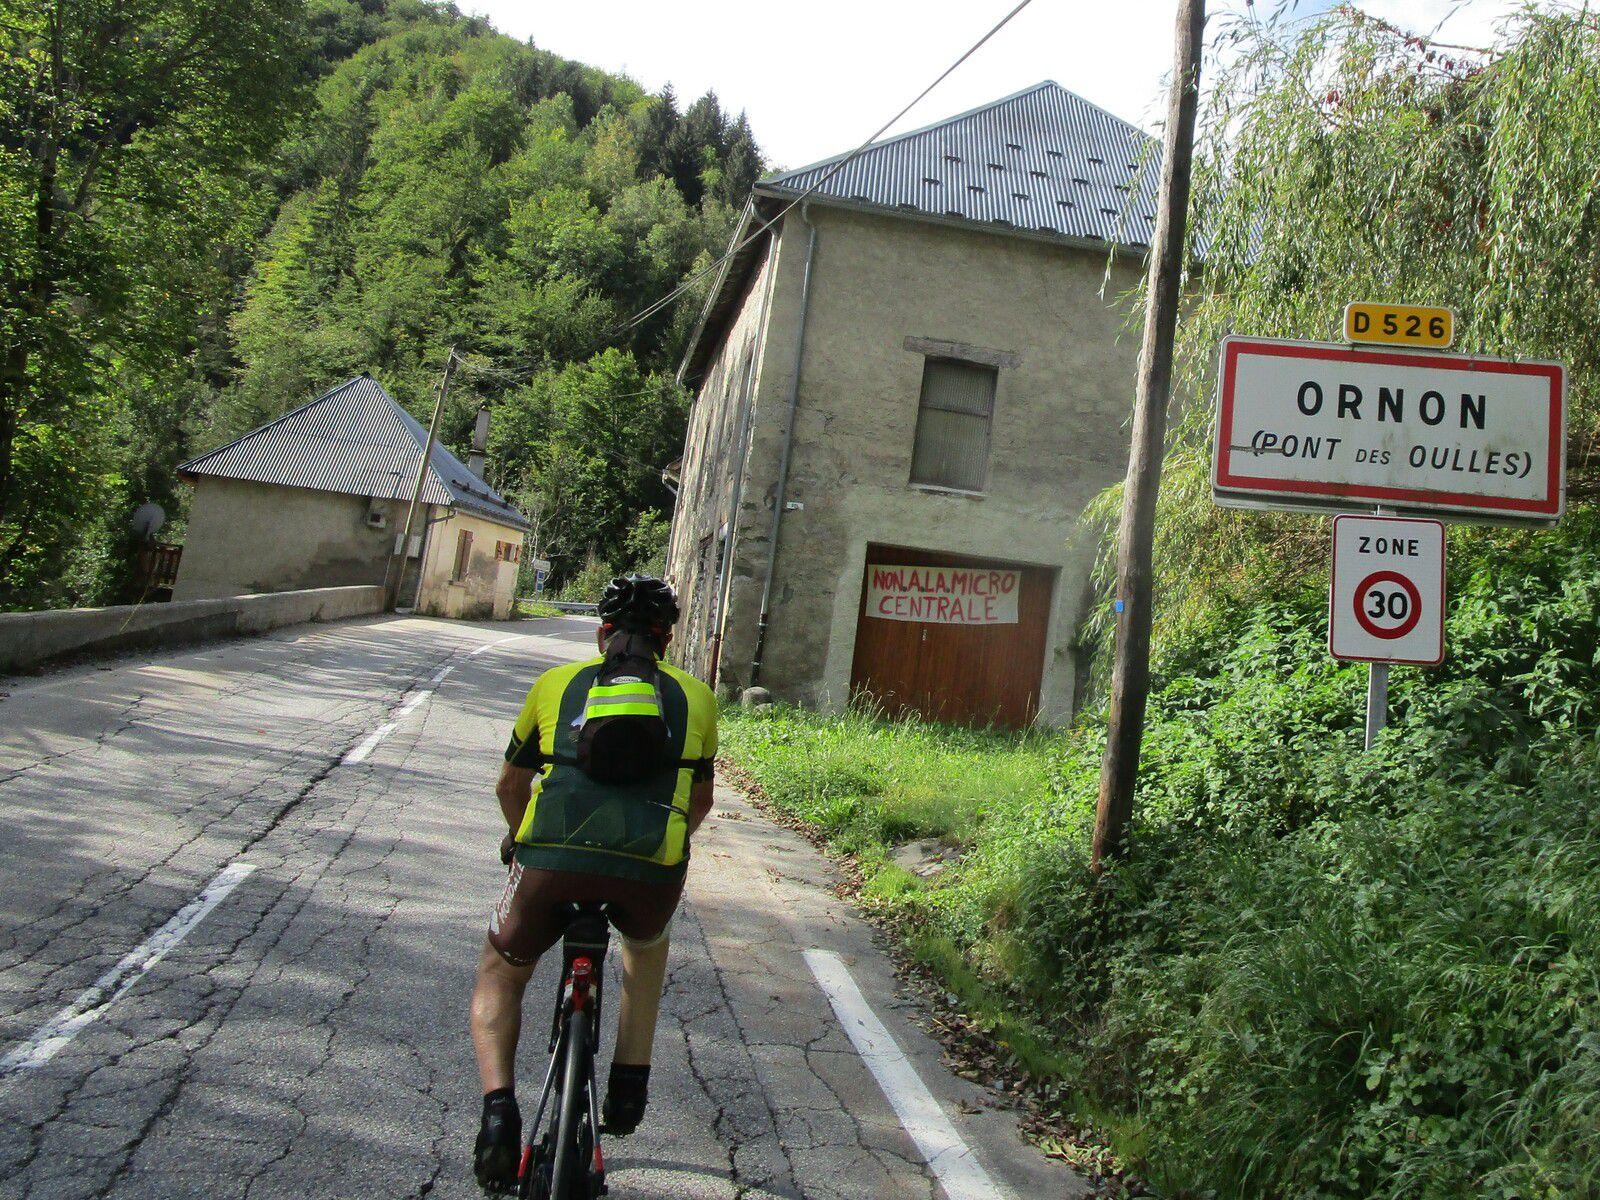 Le COL D'ORNON suivi de la montée de OULLES